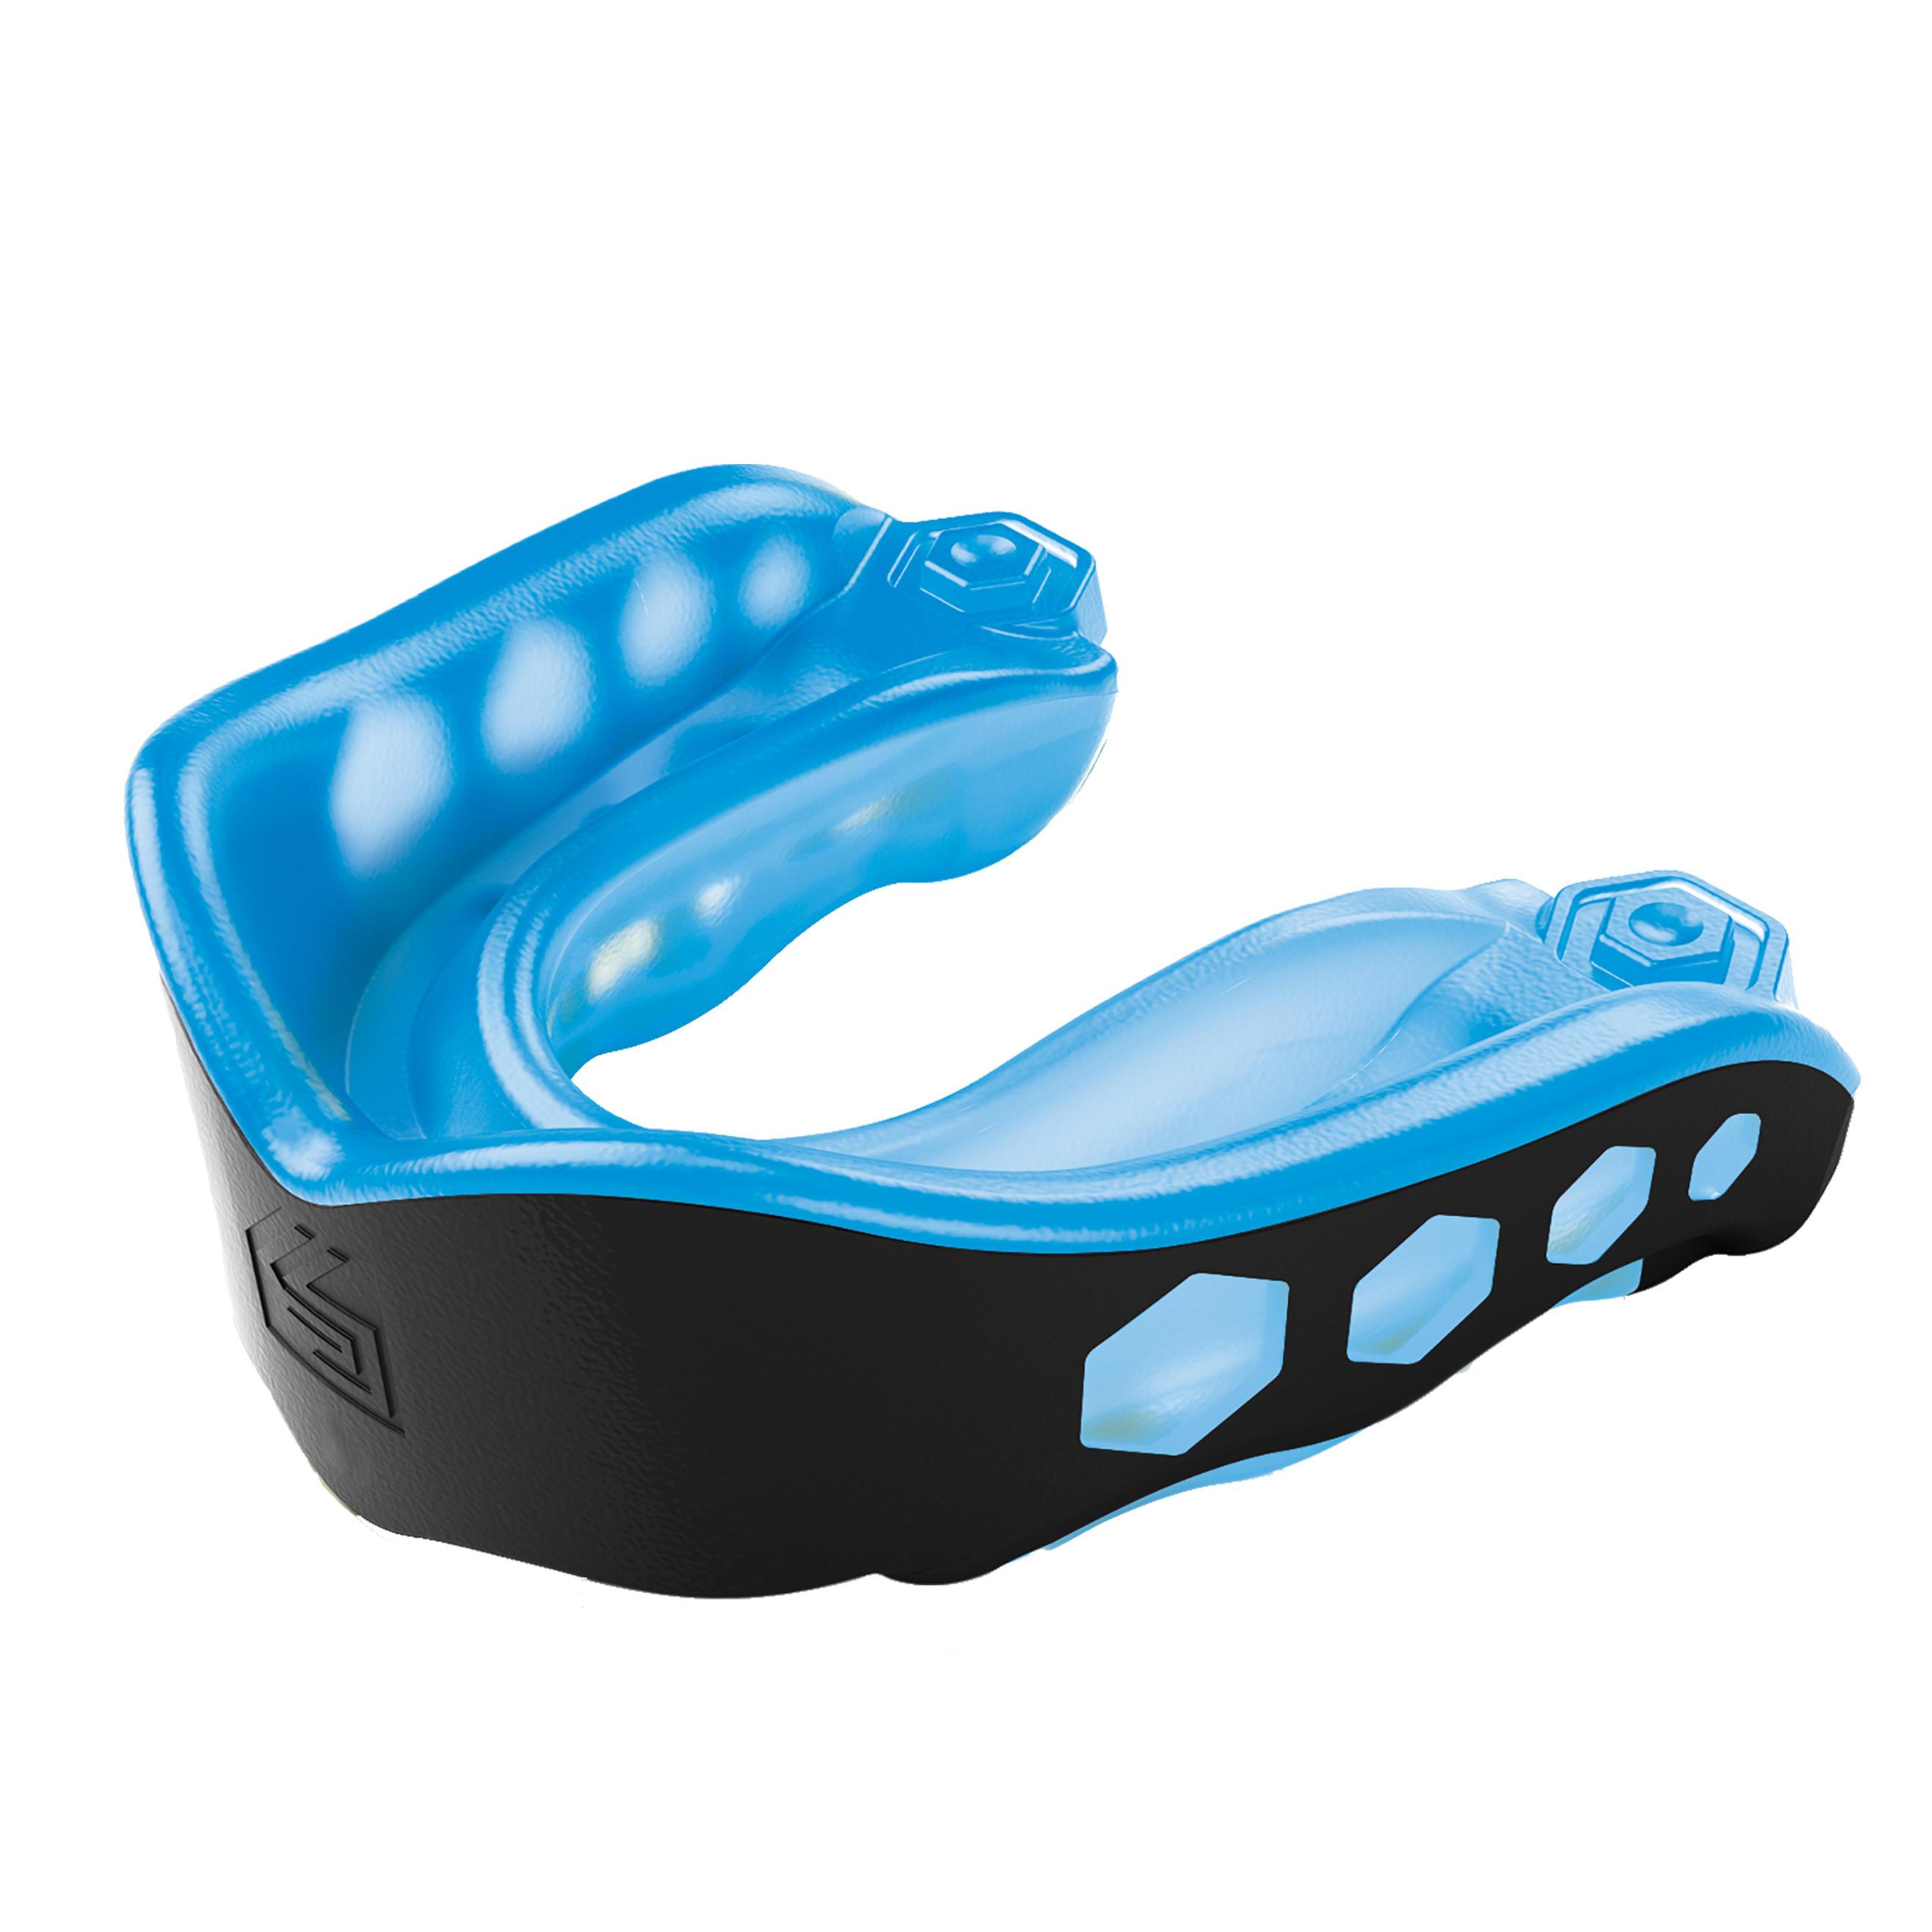 Hy-pro Hockeybitje hoogintensitief kinderen en volwassenen Gel Max blauw kopen